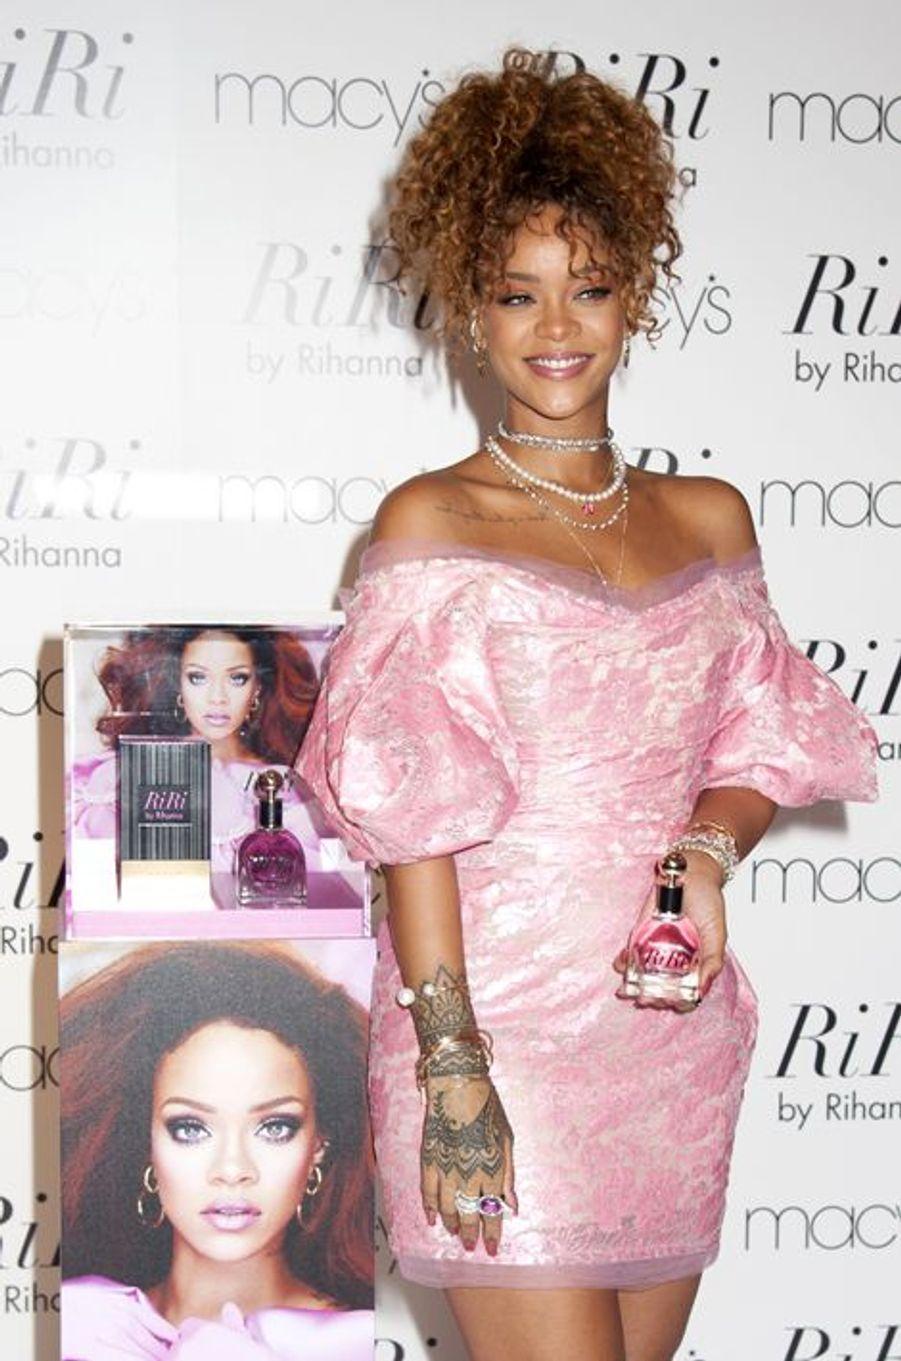 """Rihanna, en rose bonbon pour la promotion de son parfum """"RiRi"""" à New York"""